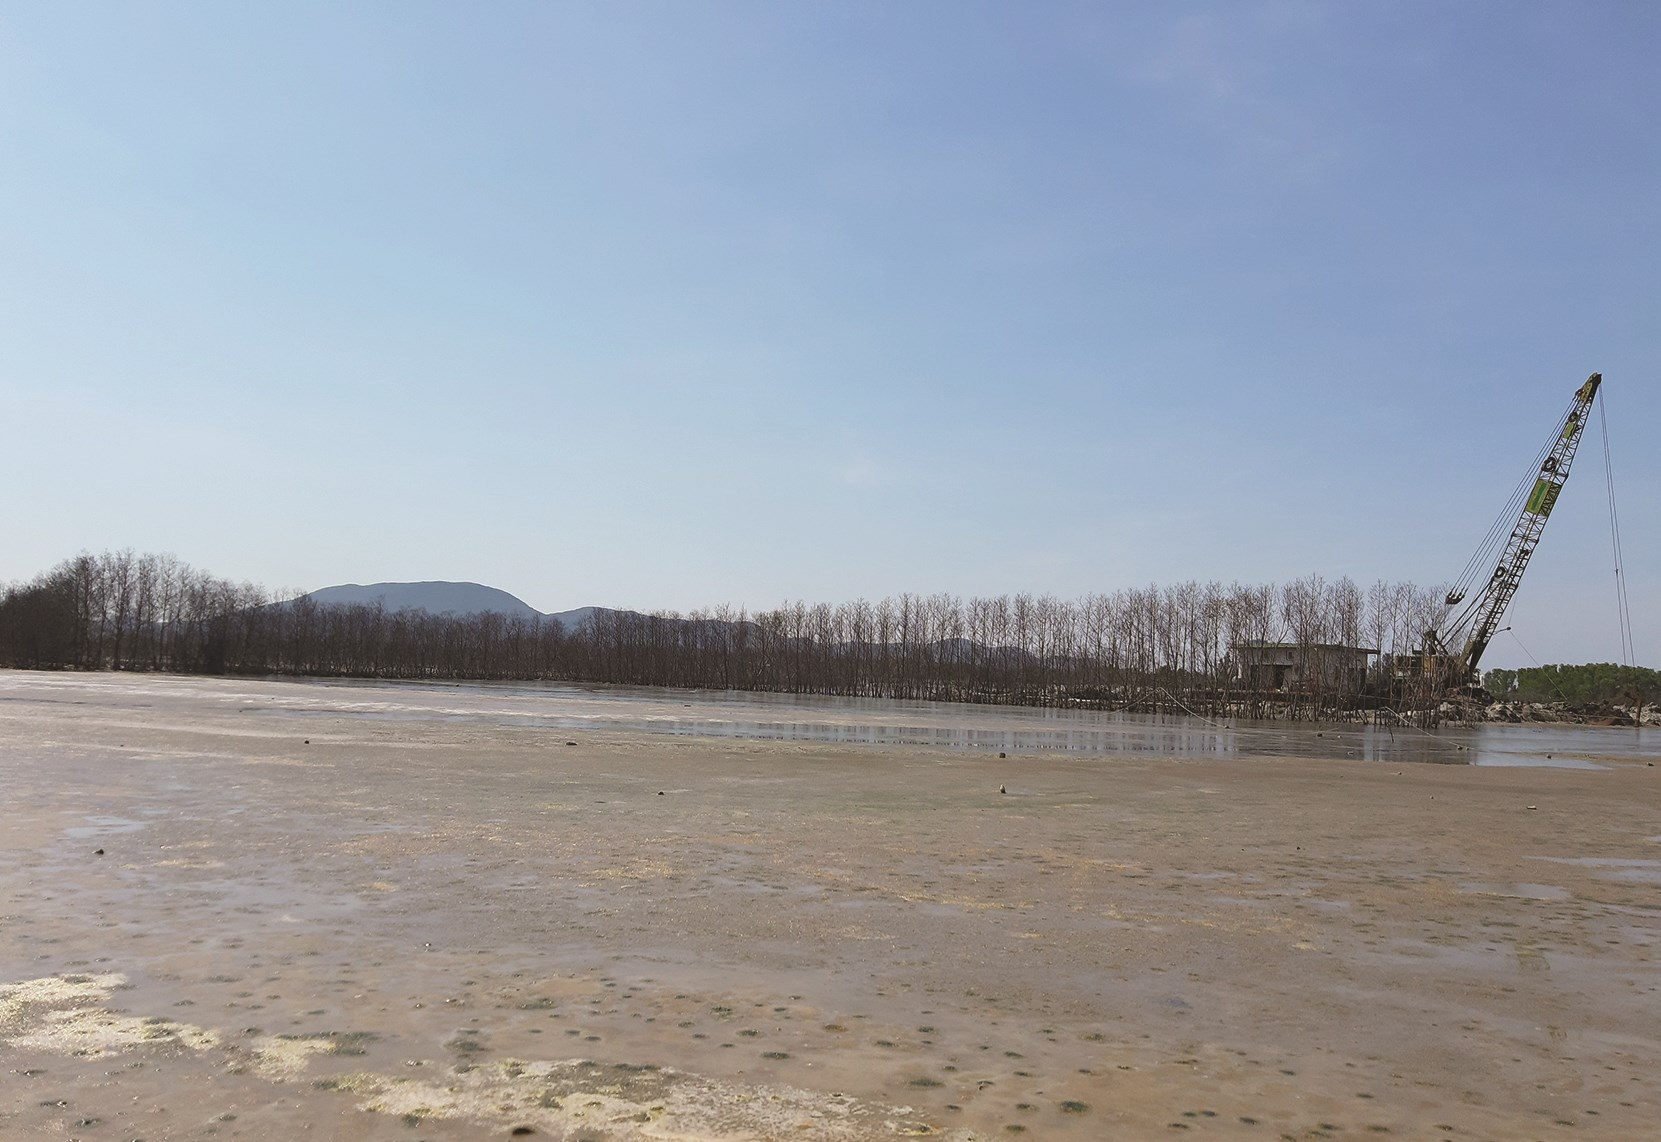 Nhiều diện tích cây xanh trong rừng ngập mặn đang mất dần do triển khai dự án du lịch